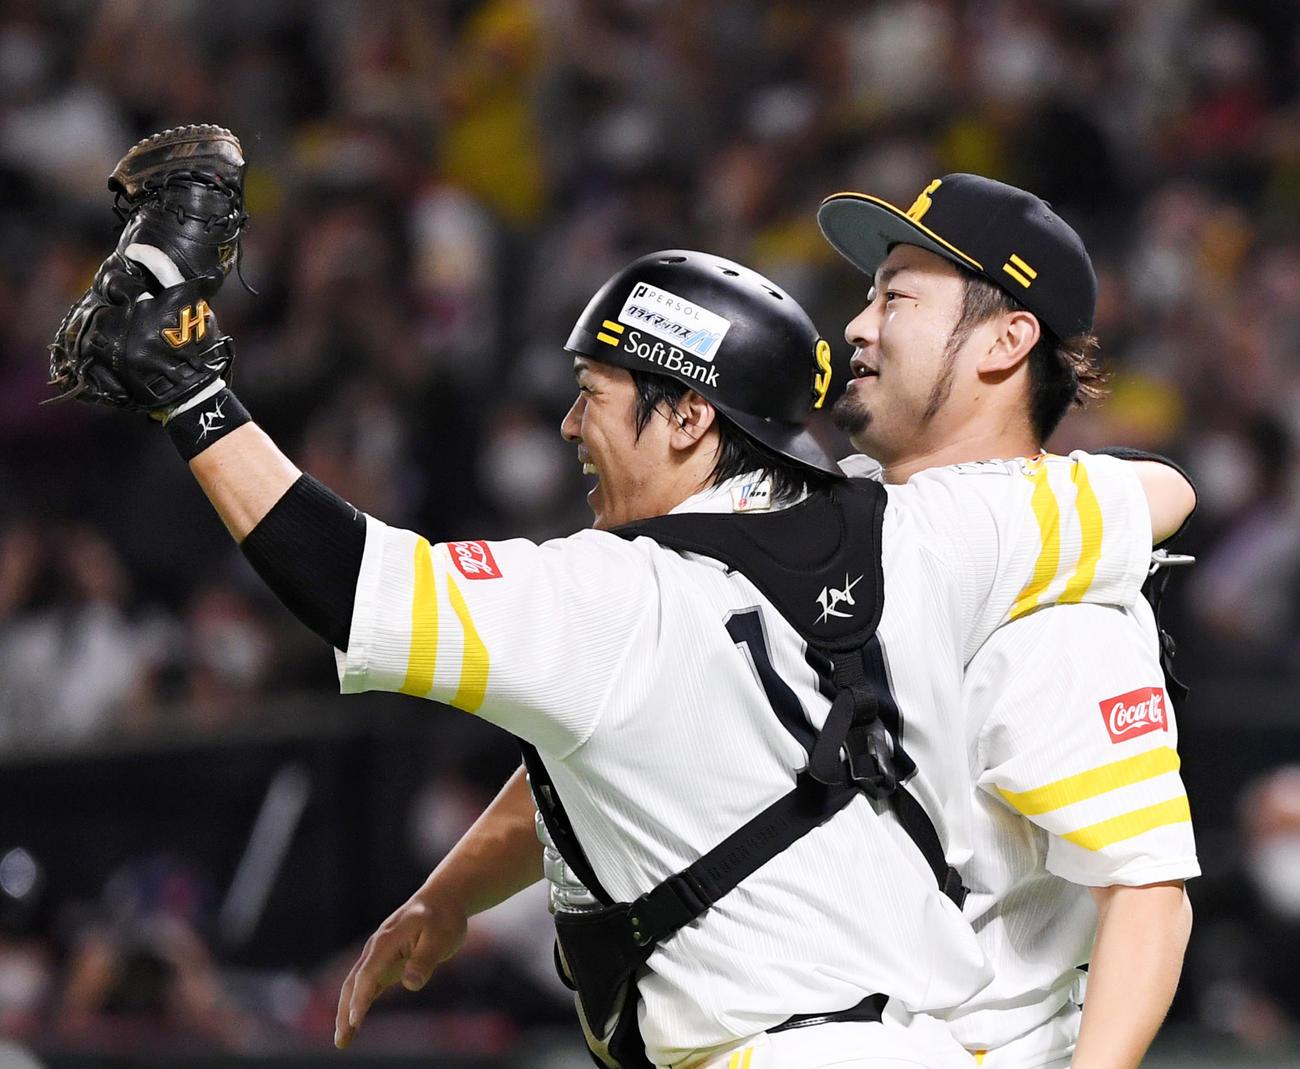 日本シリーズ出場を果たし抱き合うソフトバンク甲斐(左)と森(撮影・横山健太)